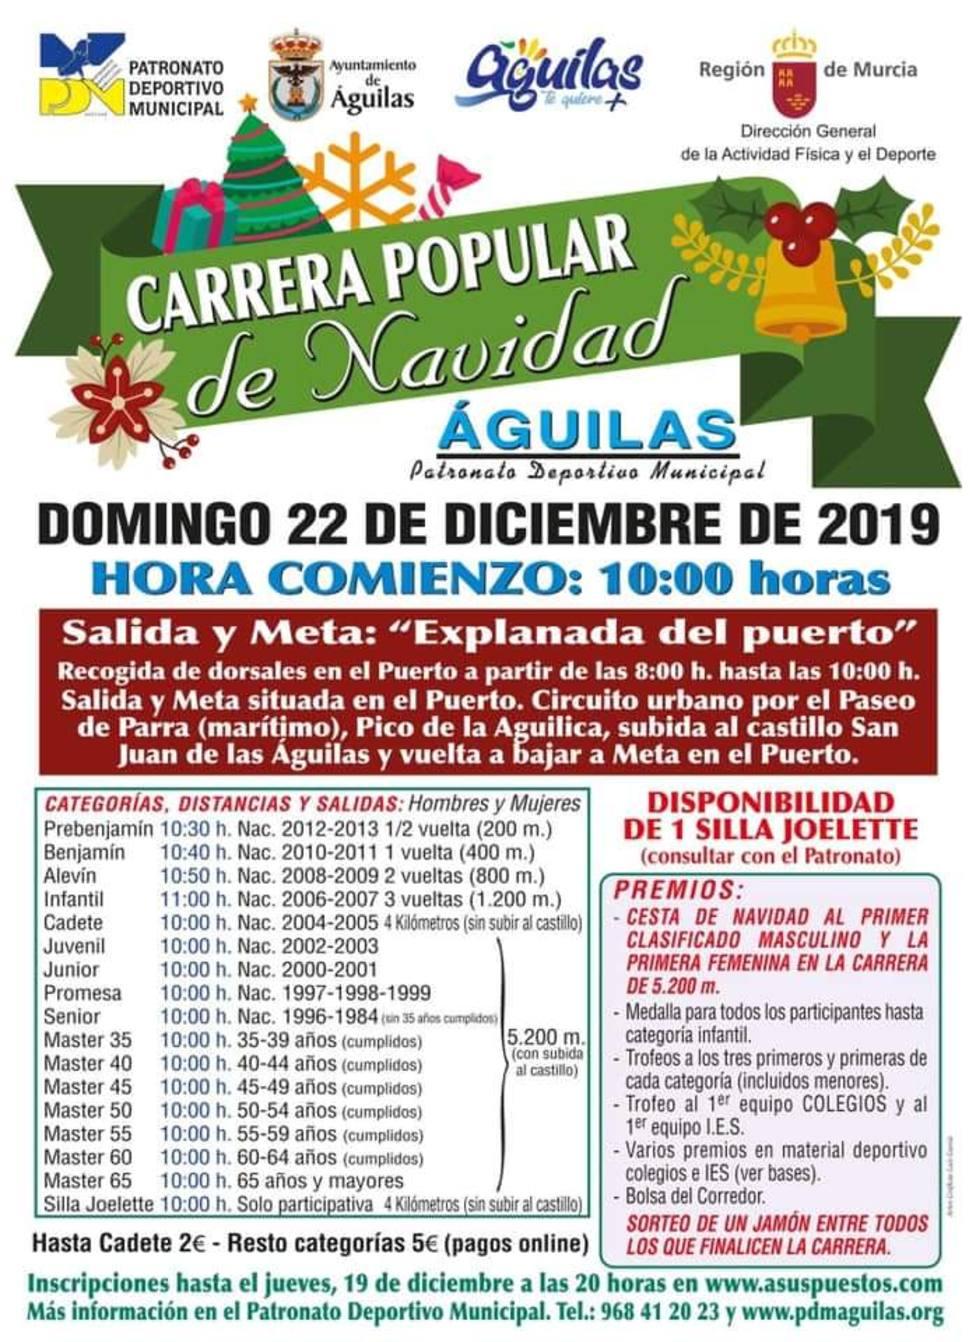 Carrera popular de Navidad 2019